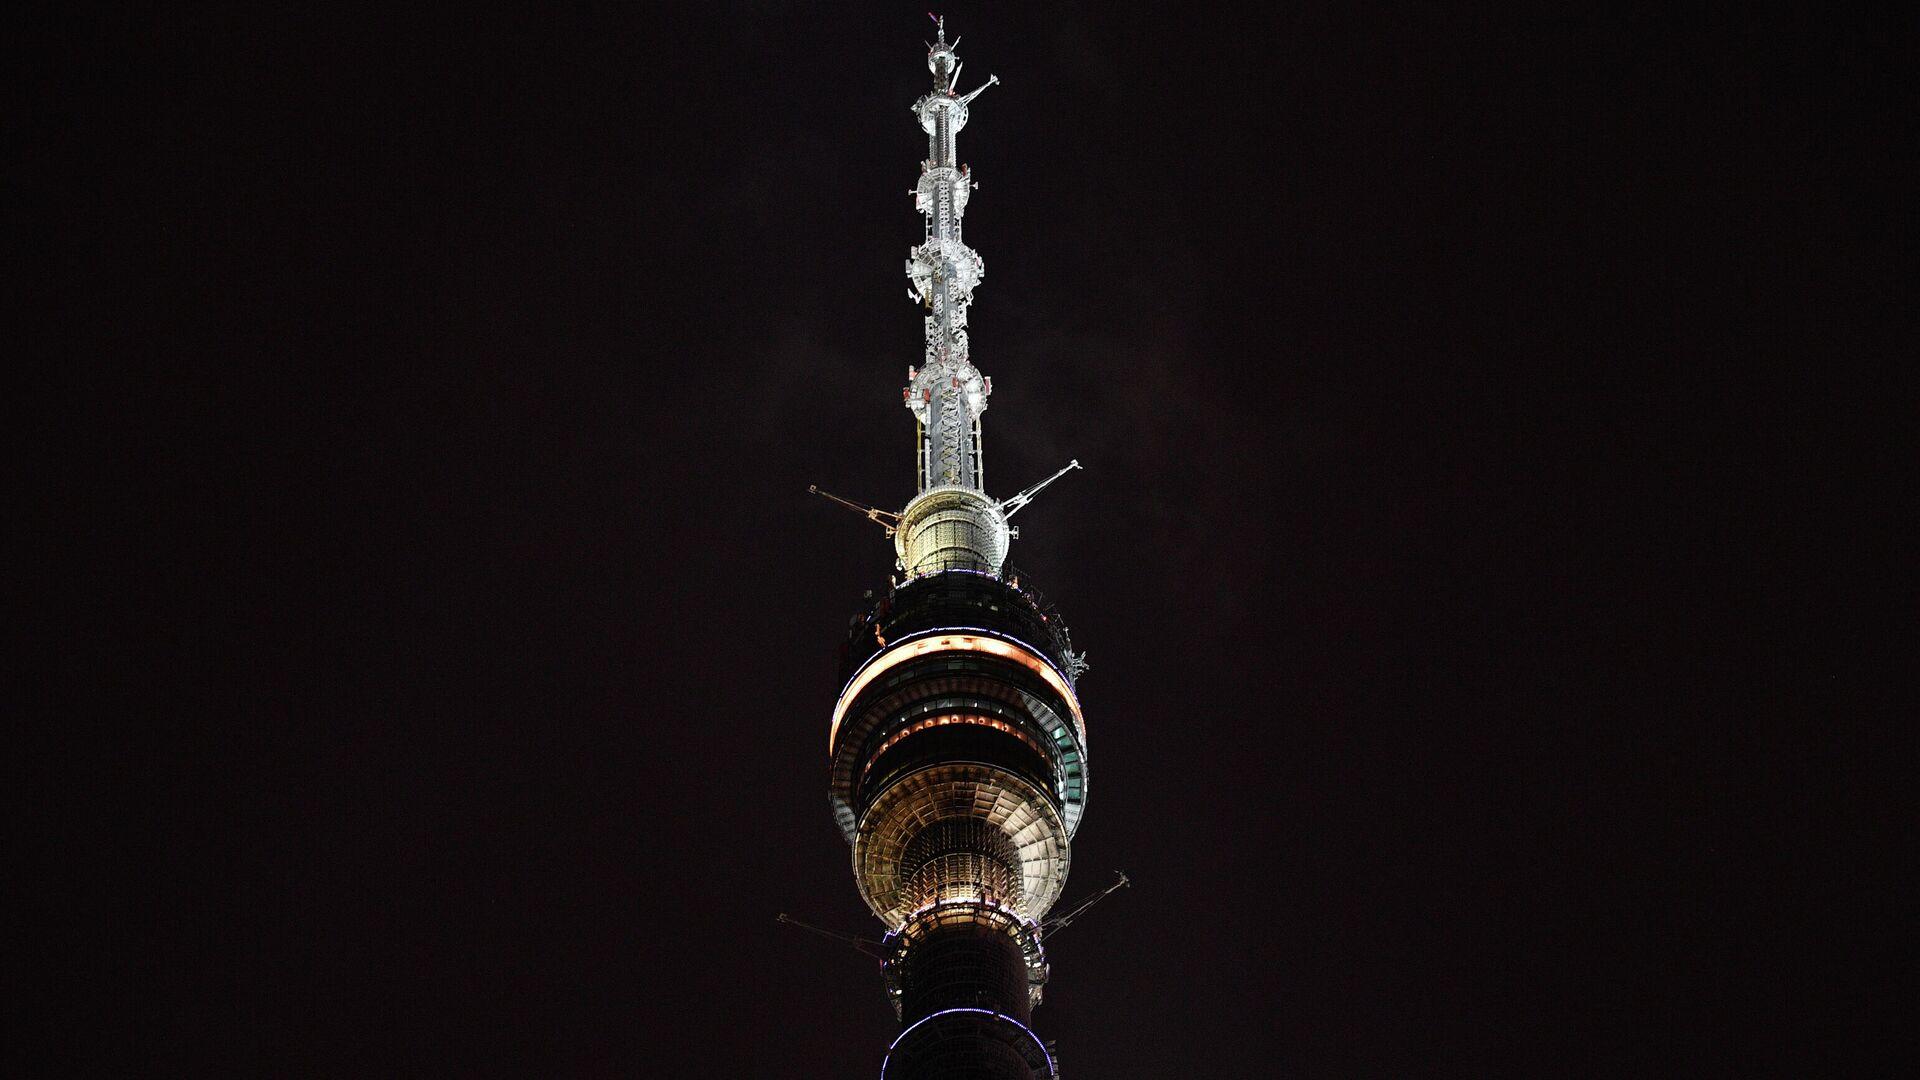 La torre de televisión Ostánkino de Moscú  - Sputnik Mundo, 1920, 03.08.2021